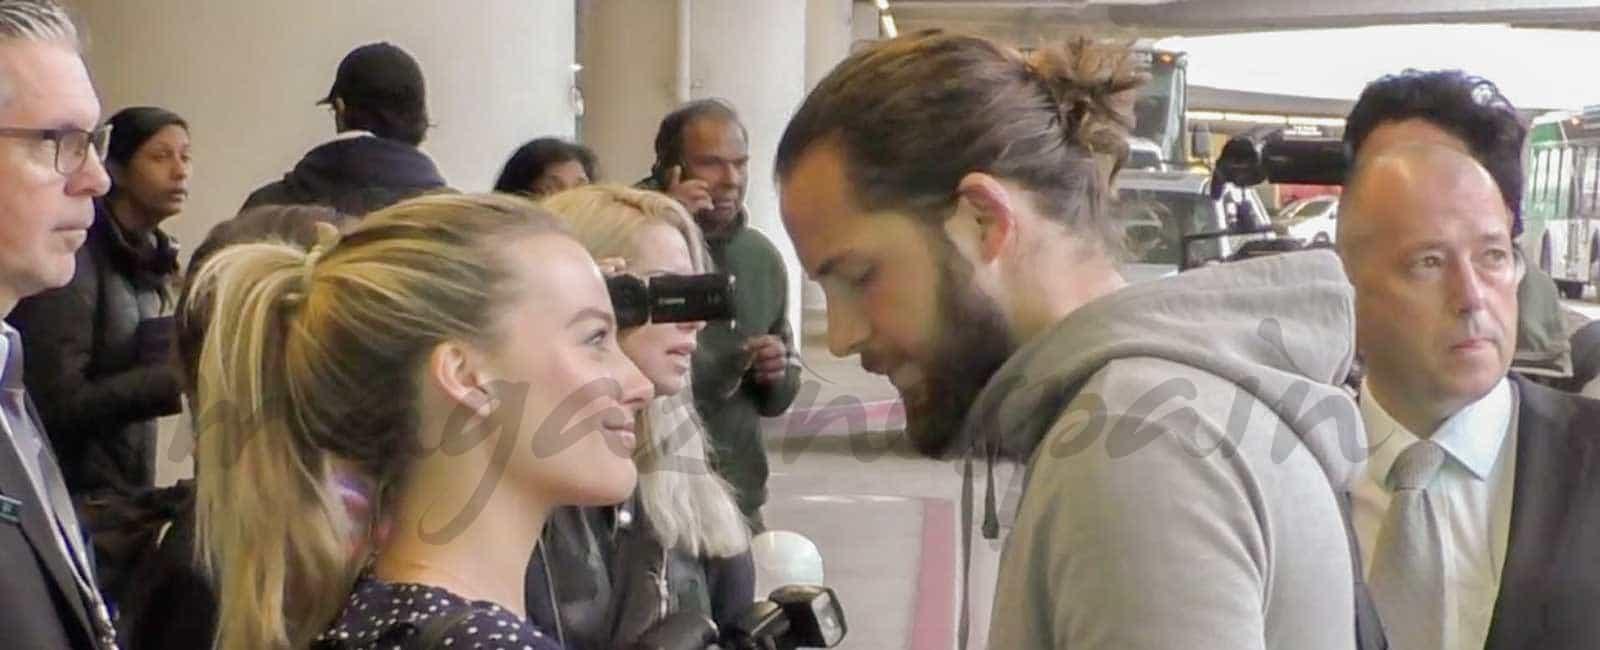 Margot Robbie y Tom Ackerley, primeras fotos tras su boda secreta